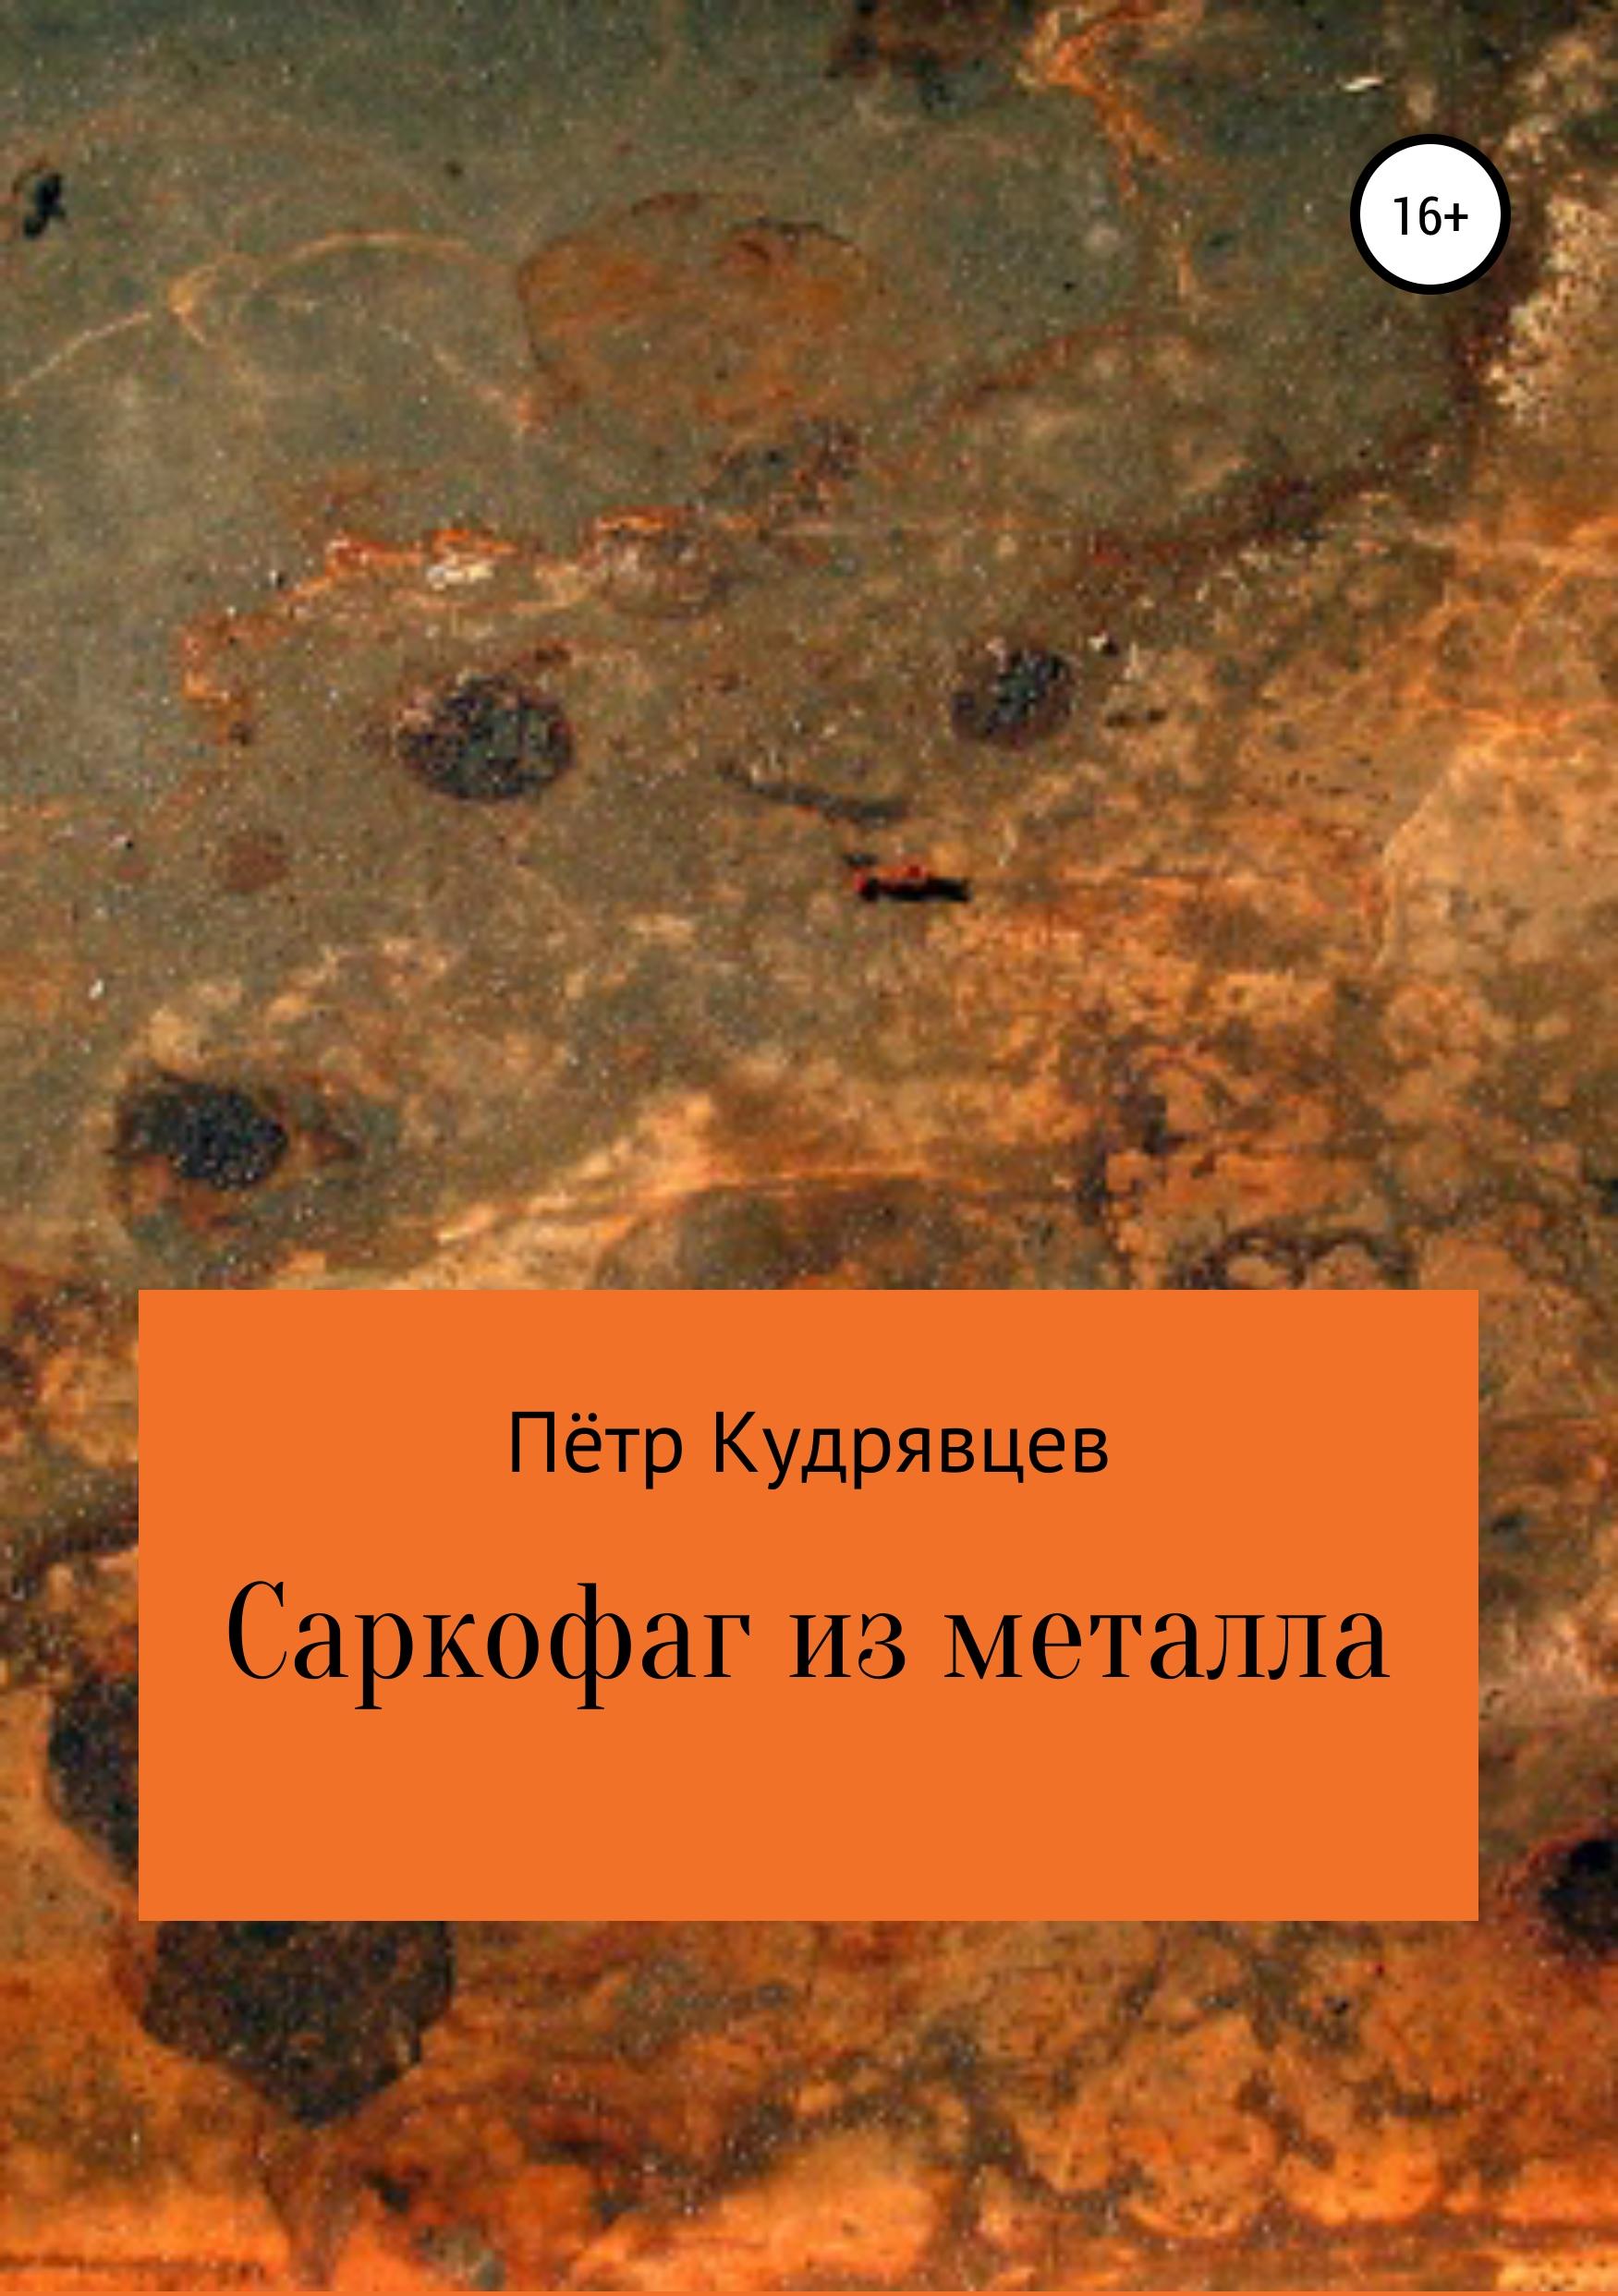 Фото - Пётр Кудрявцев Саркофаг из металла золотой саркофаг